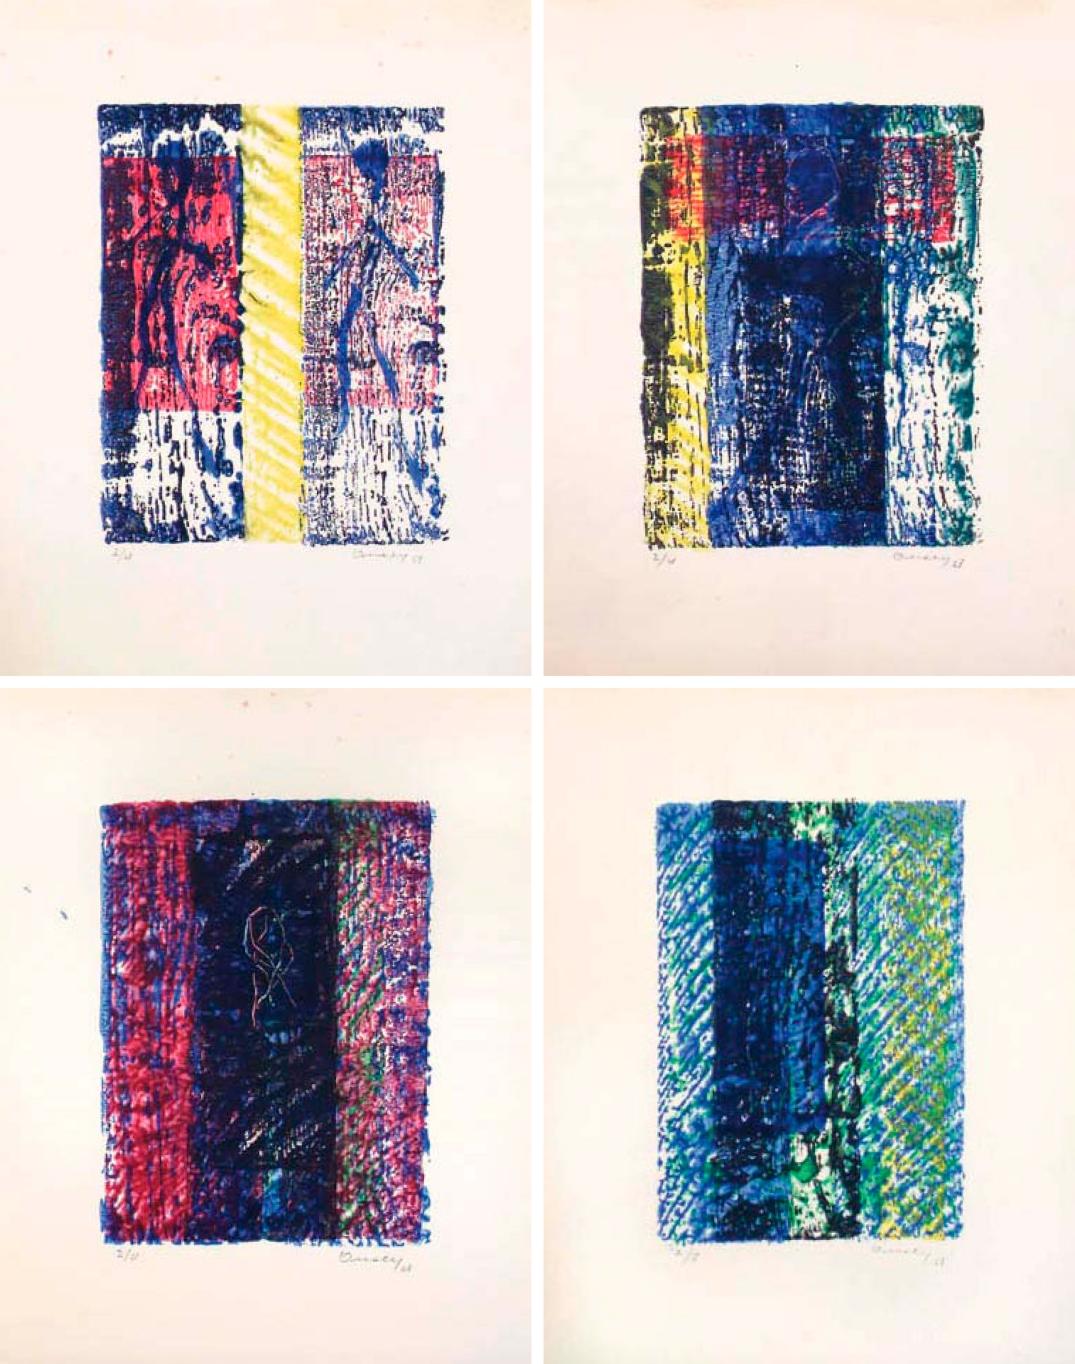 Prints-images